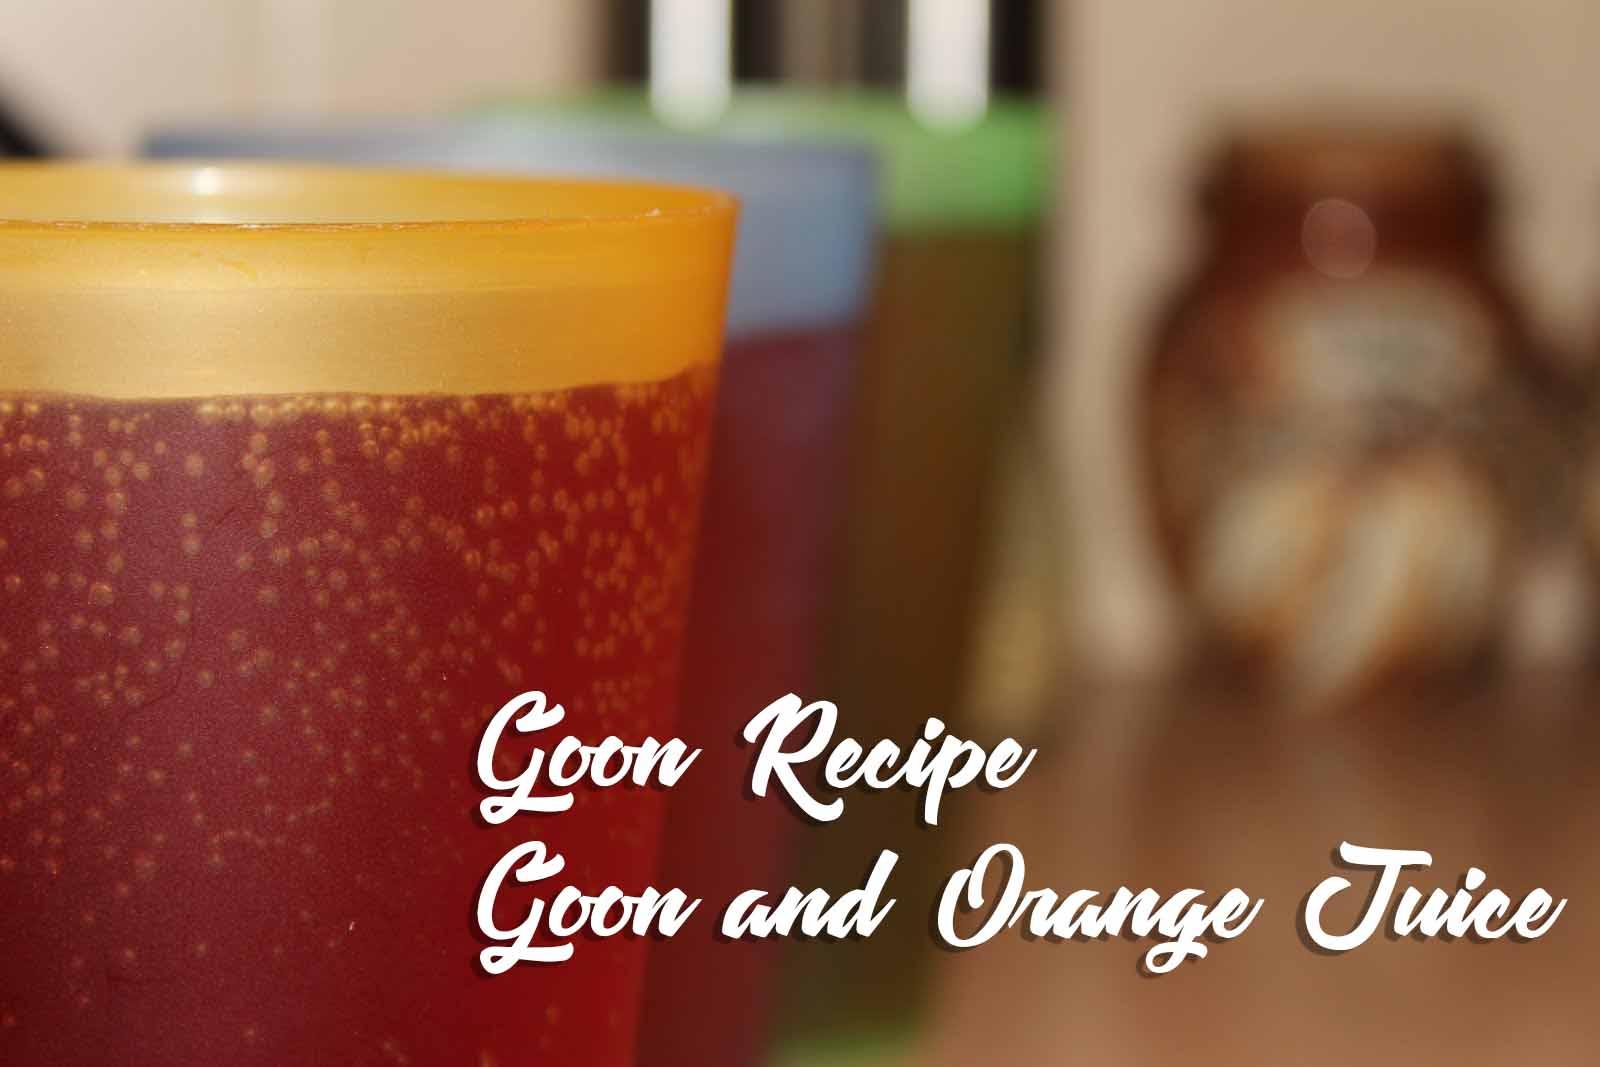 Goon_and_Orange_Juice_Goon_Recipe